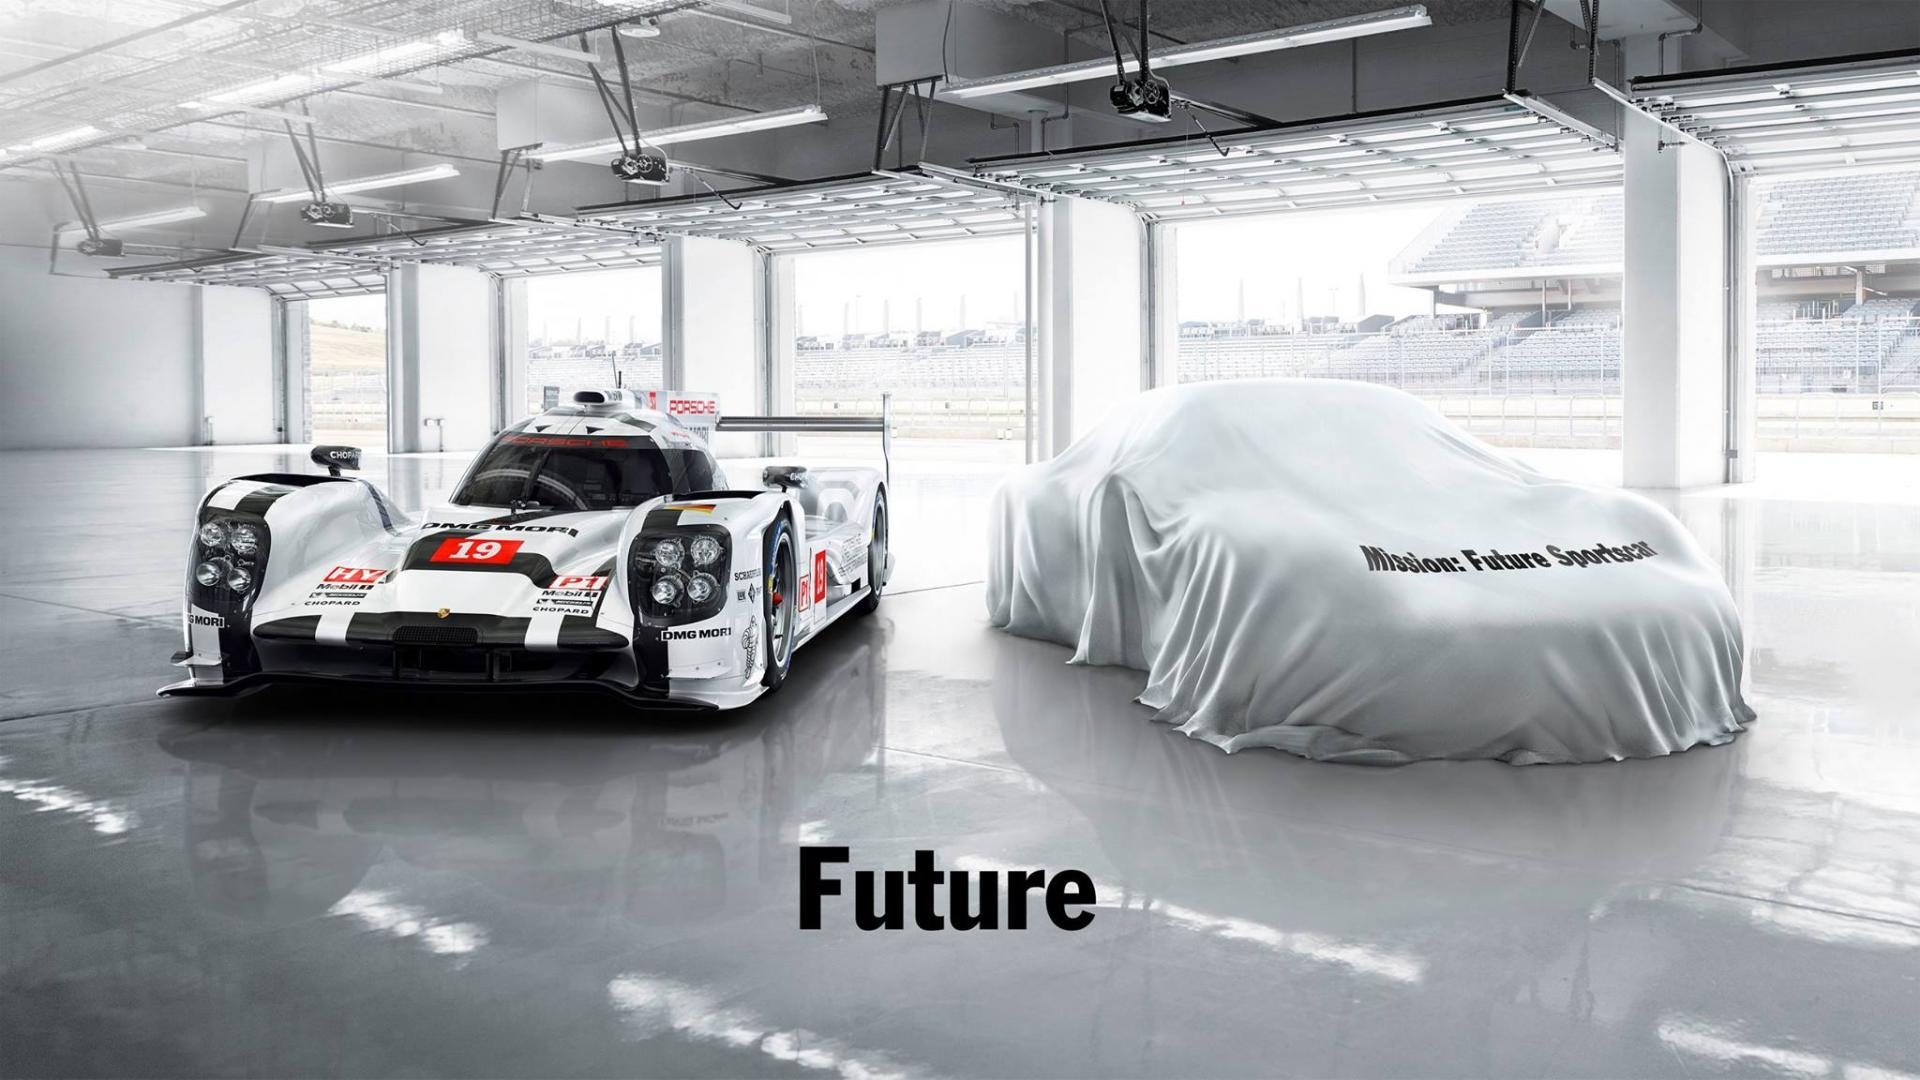 Porsche 919 hybrid and future sportscar